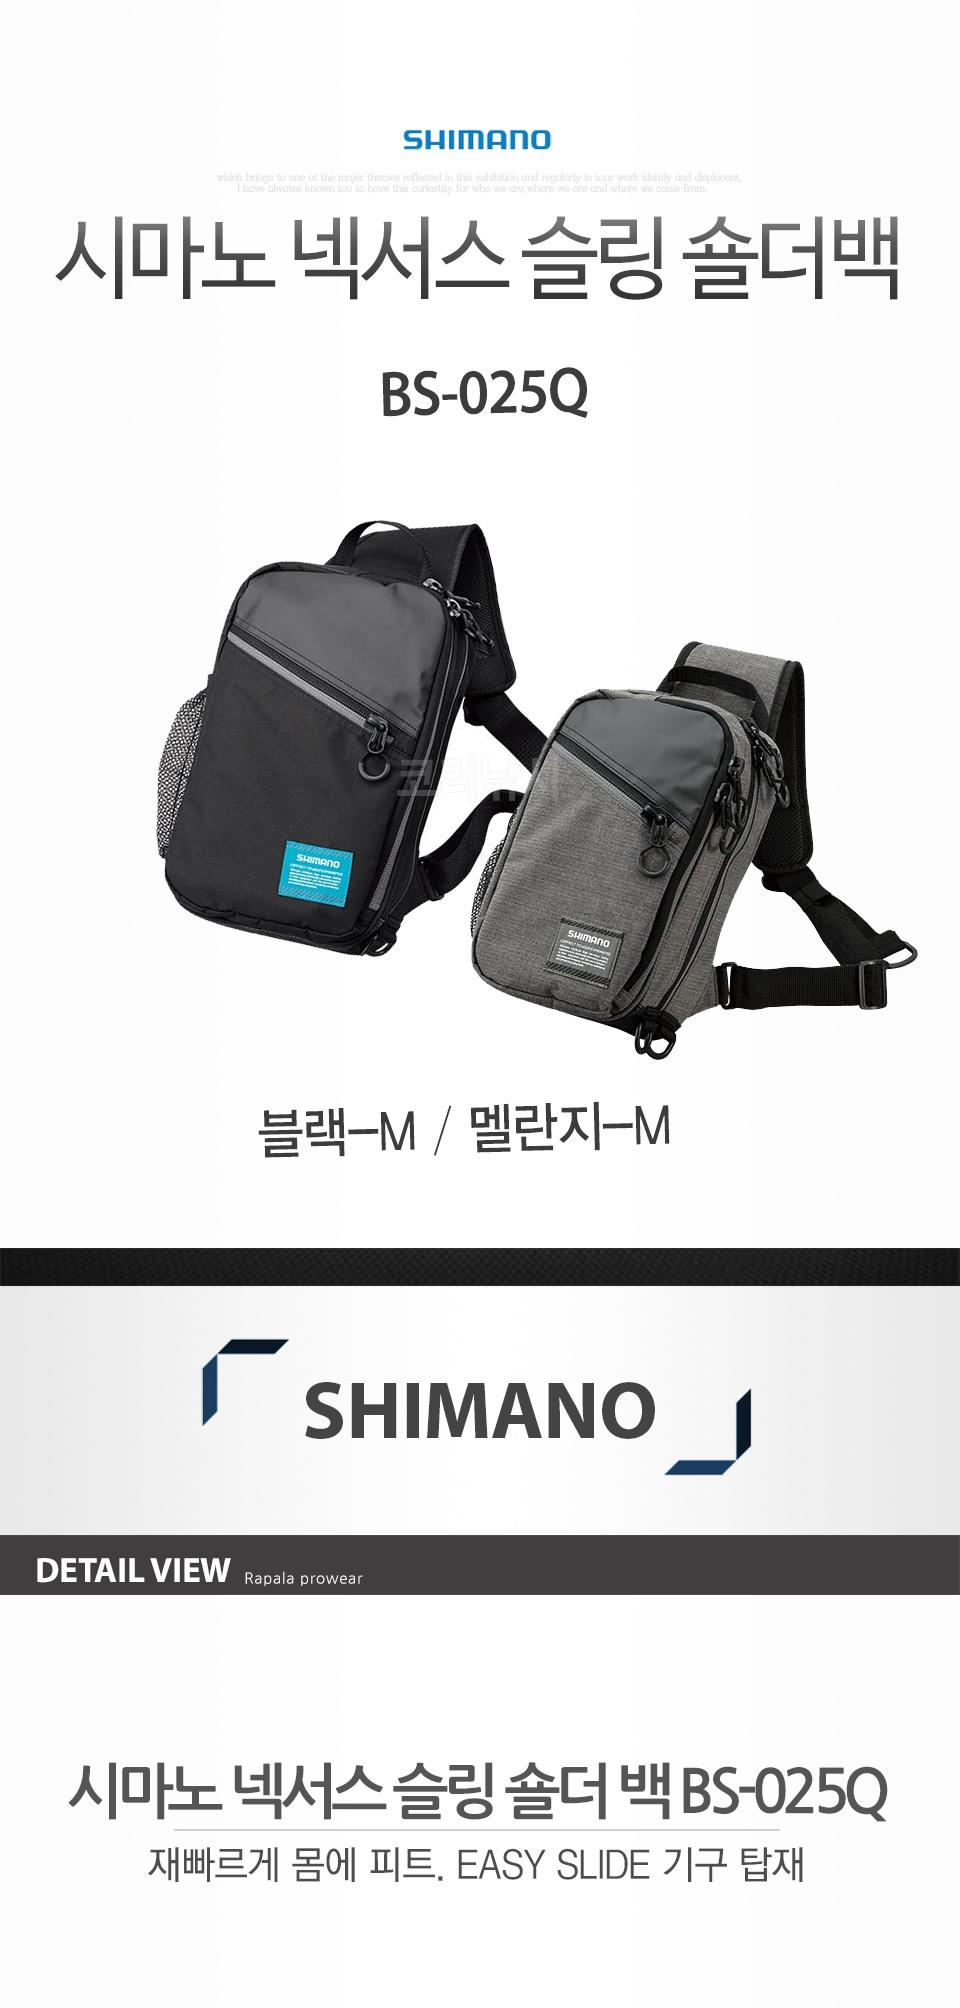 시마노 넥서스 슬링 숄더 백 BS-025Q 슬링백 숄더백 슬링숄더백 시마노백 시마노슬링백 시마노숄더백 시마노슬링숄더백 보조가방 가방